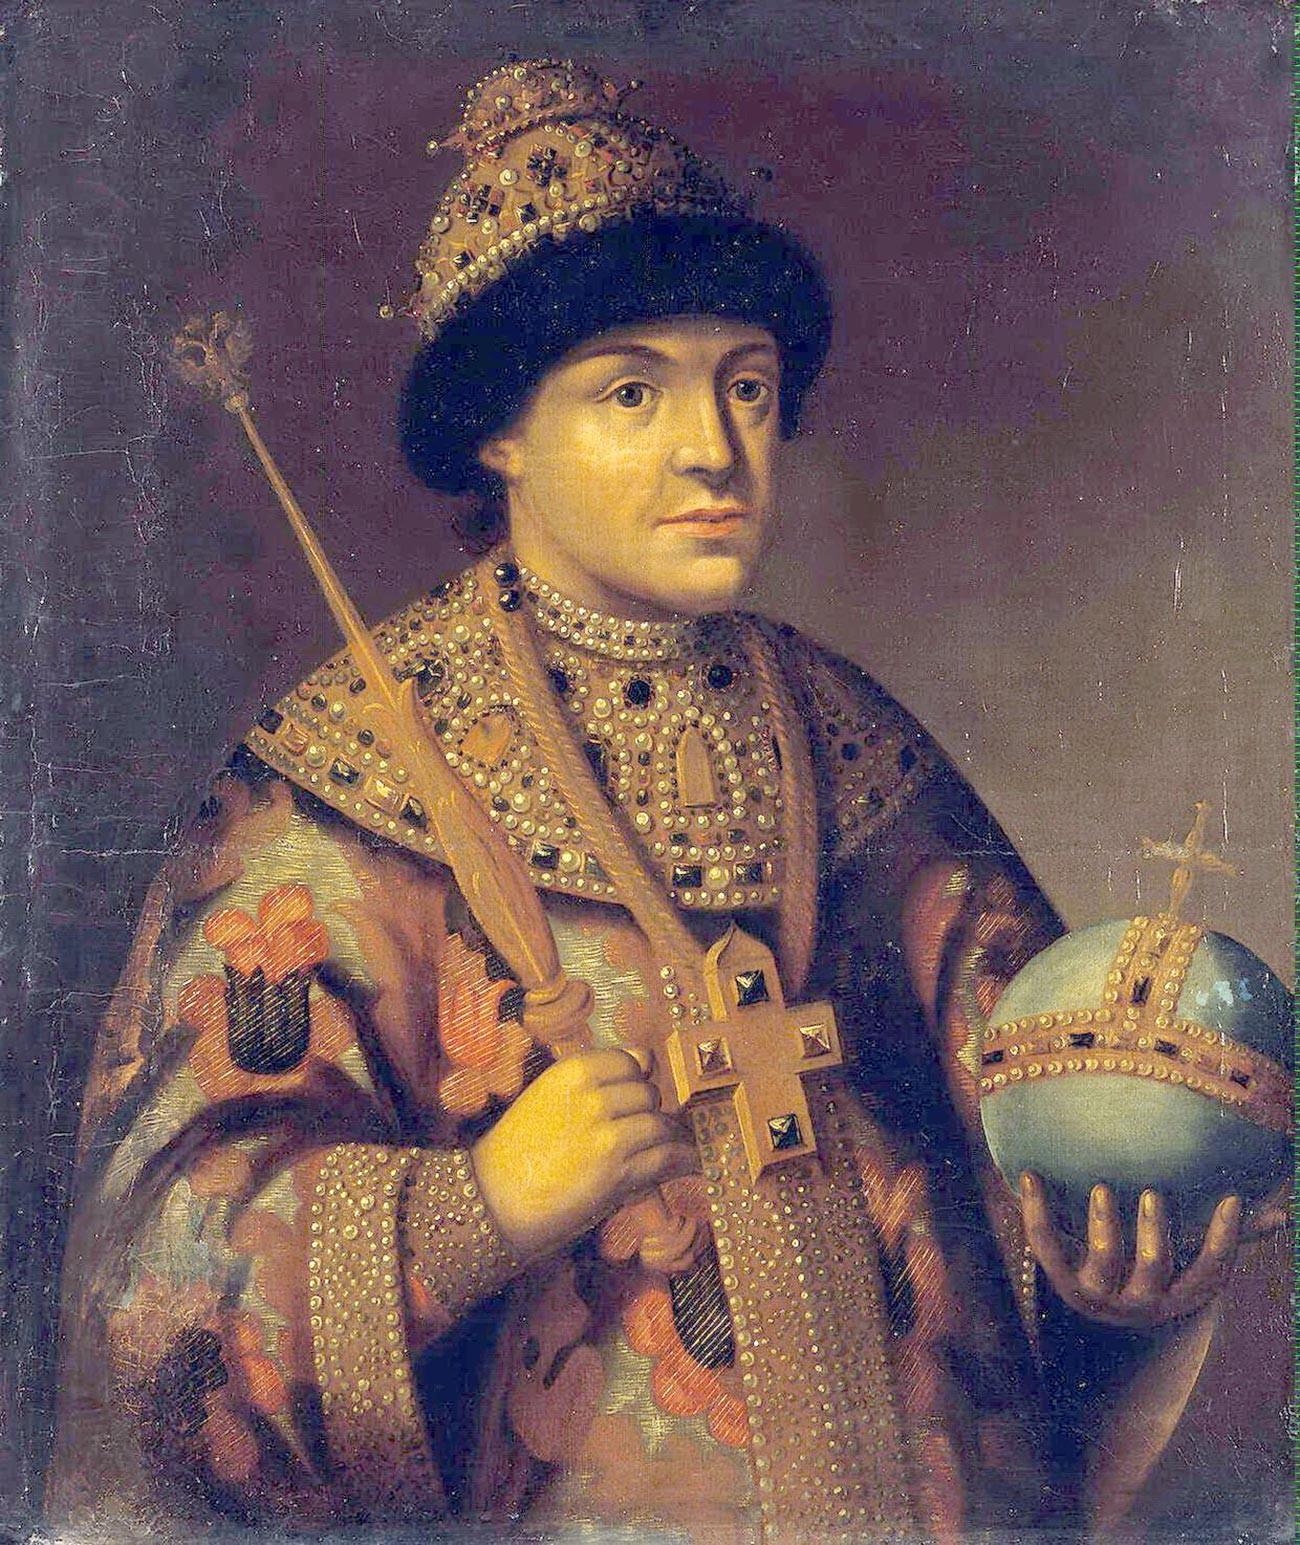 Царь Фёдор Алексеевич (1661-1682). Его младший брат Иван Алексеевич (1666-1696), возможно, был слаб умом.